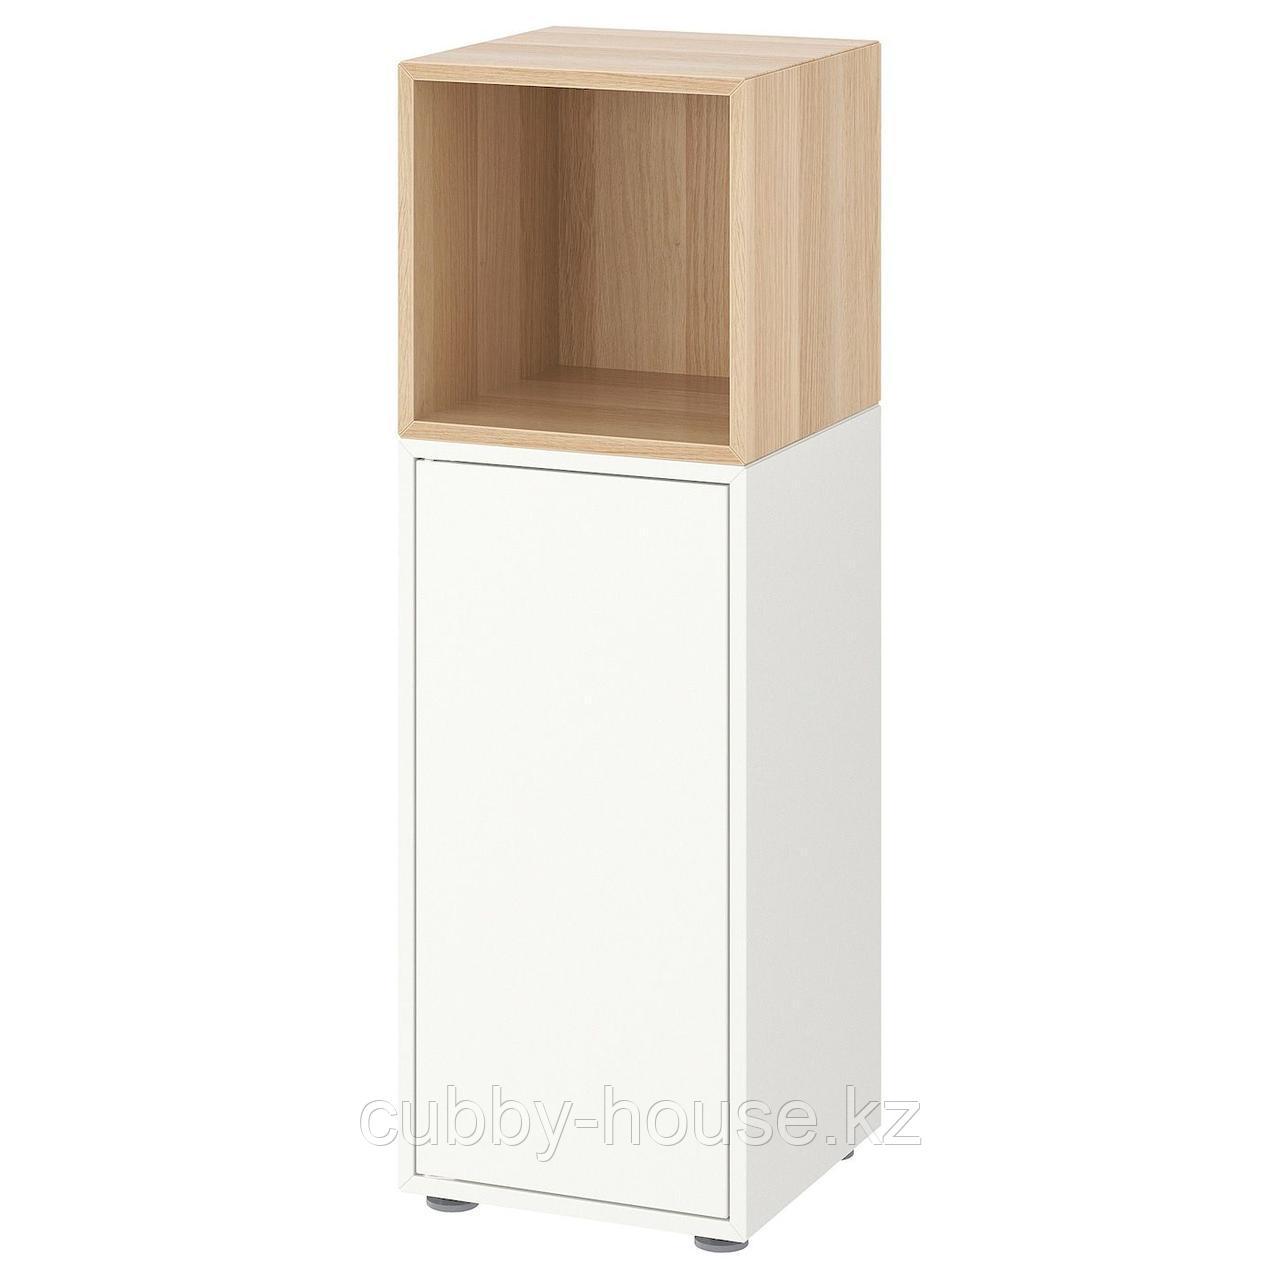 ЭКЕТ Комбинация шкафов с ножками, белый, 35x35x107 см